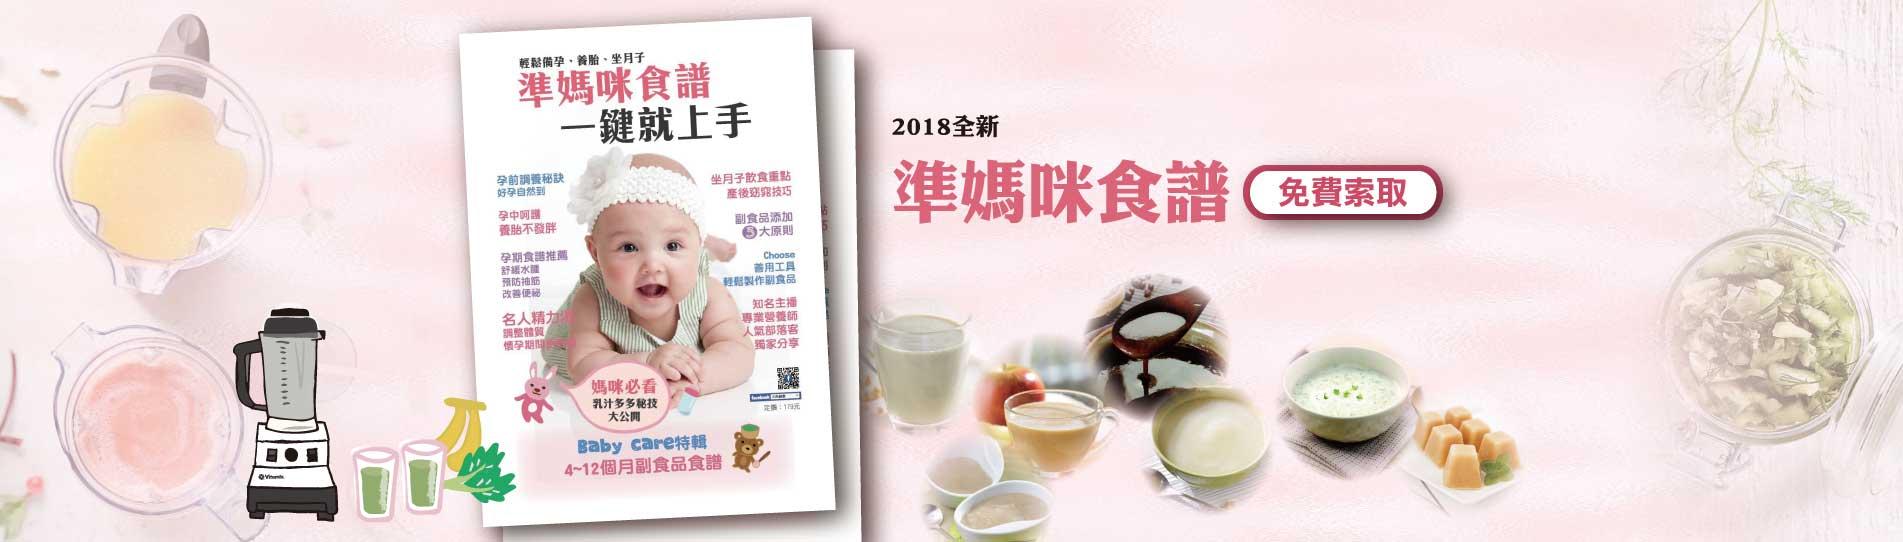 「準媽咪食譜」2018媽咪手冊,備孕到產後的全營養寶典